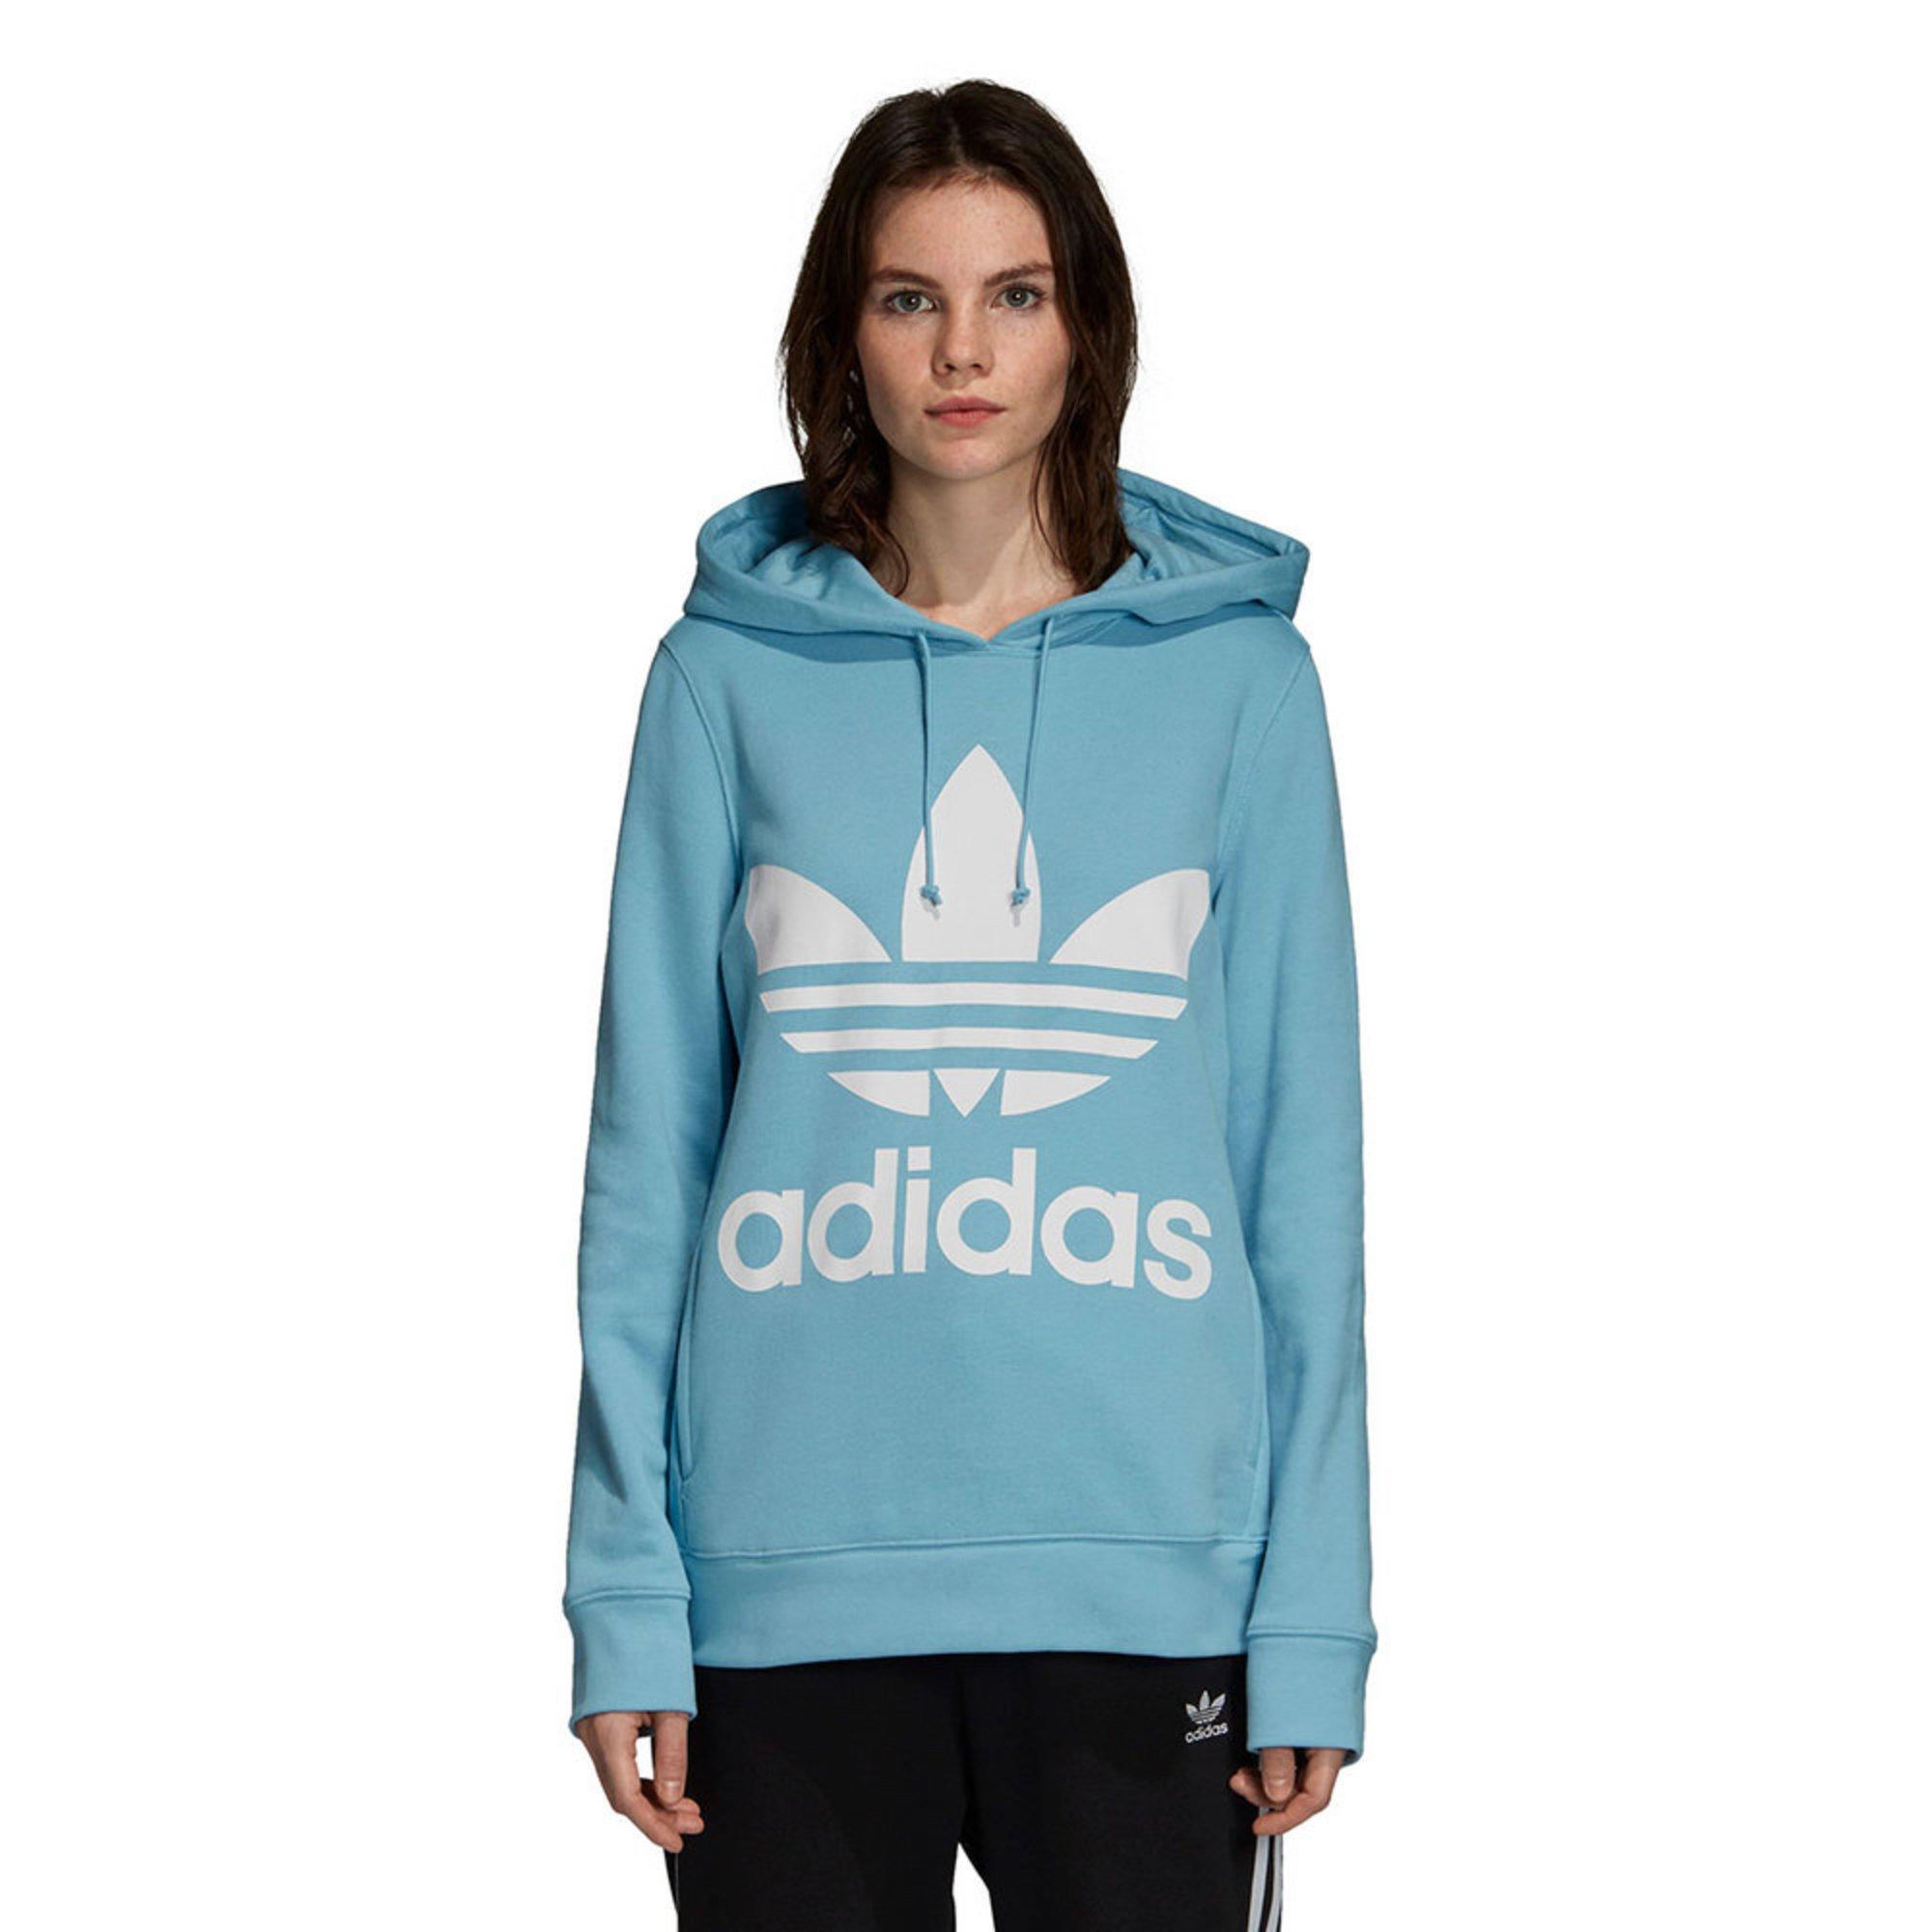 Adidas Women s Trefoil Hoodie  20faa0f880